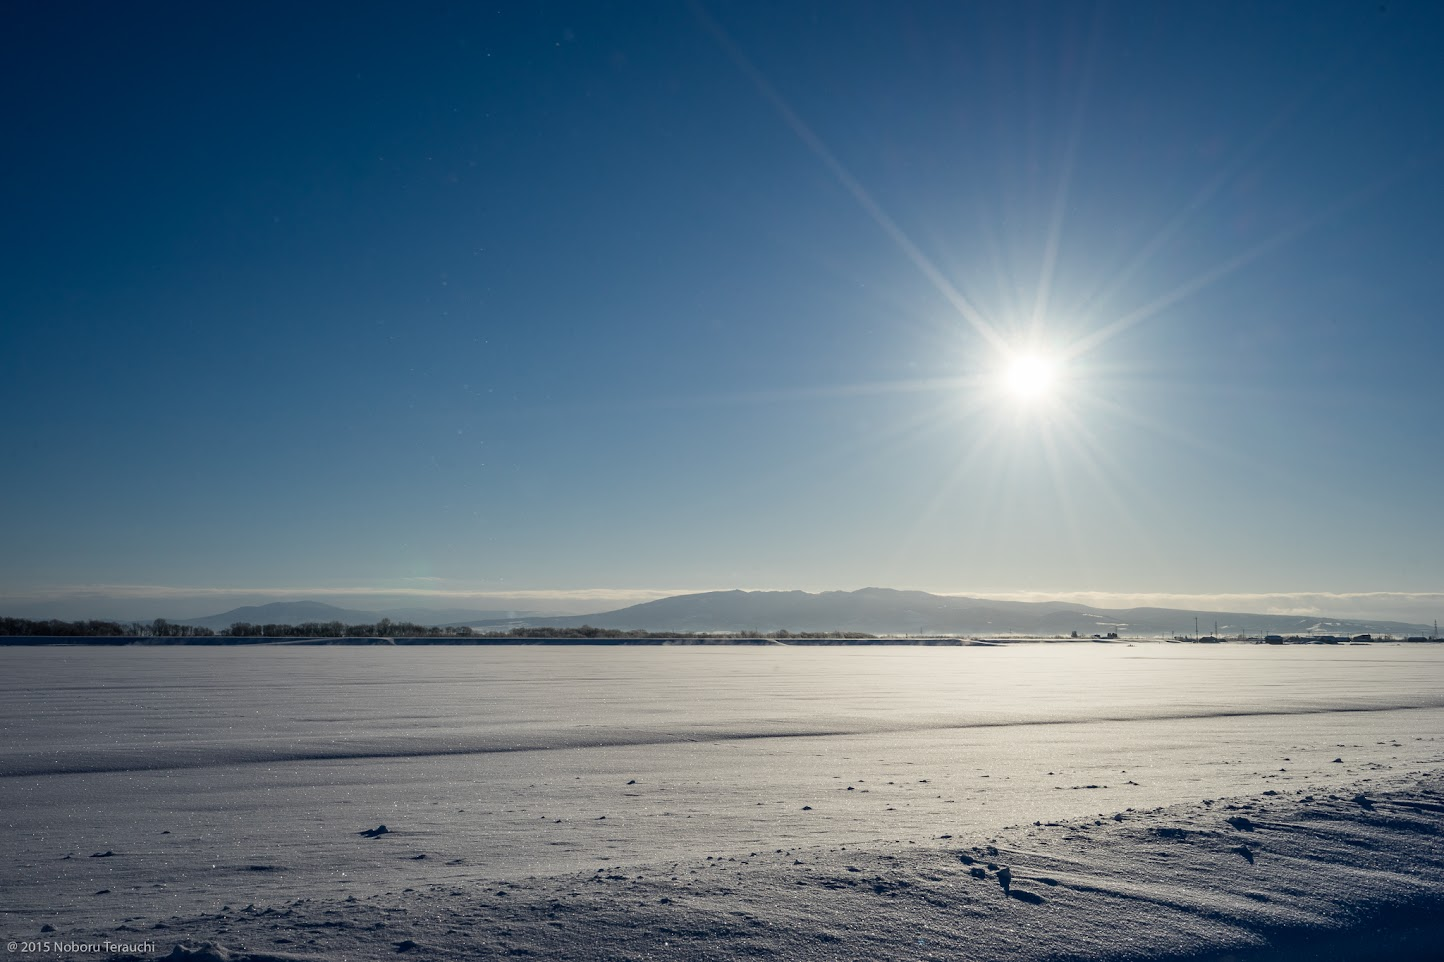 ダイヤモンドを散りばめたように輝く雪原